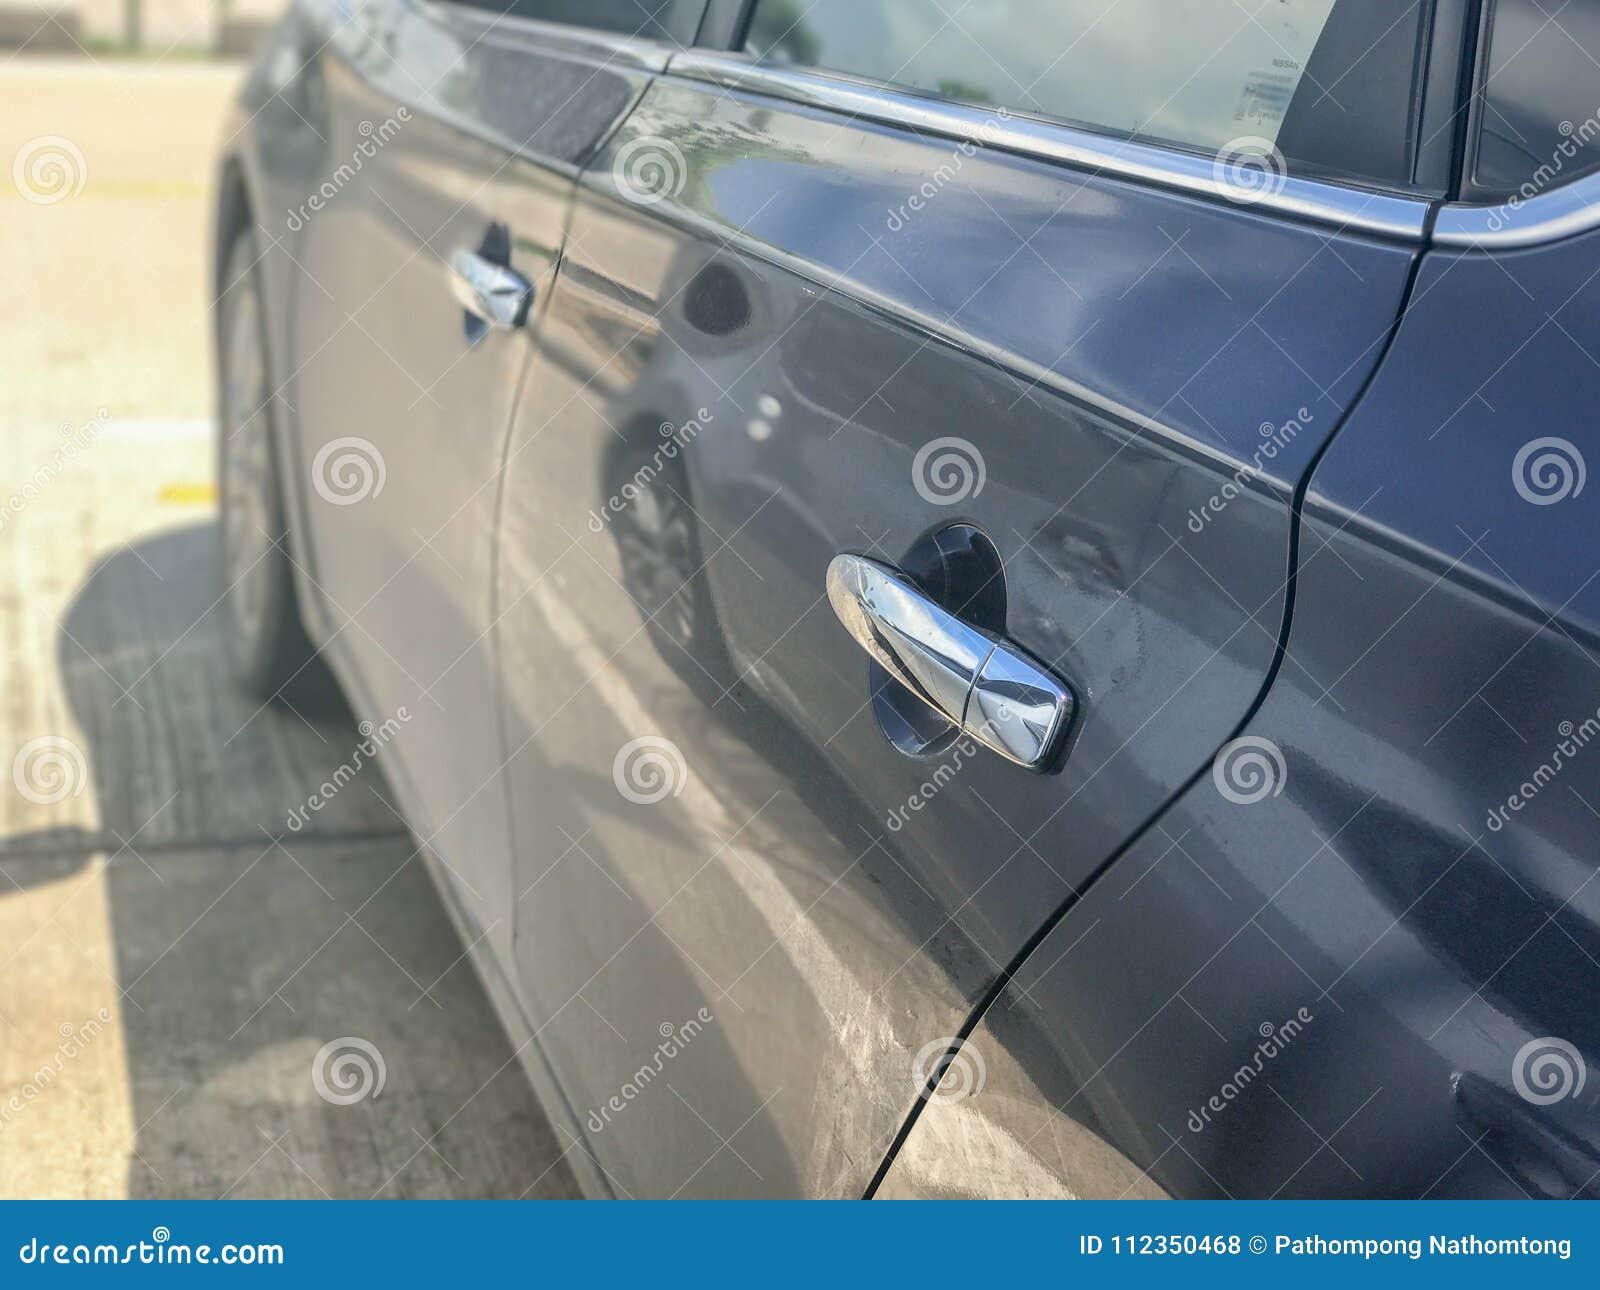 Door of the side modern car